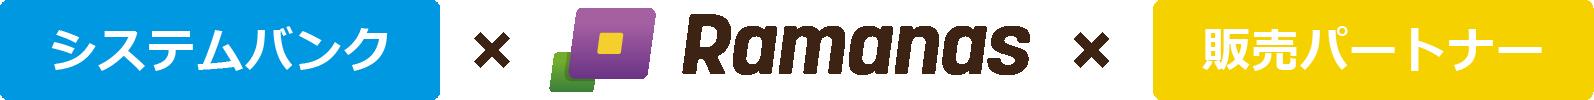 システムバンク x Ramanas x 販売パートナー